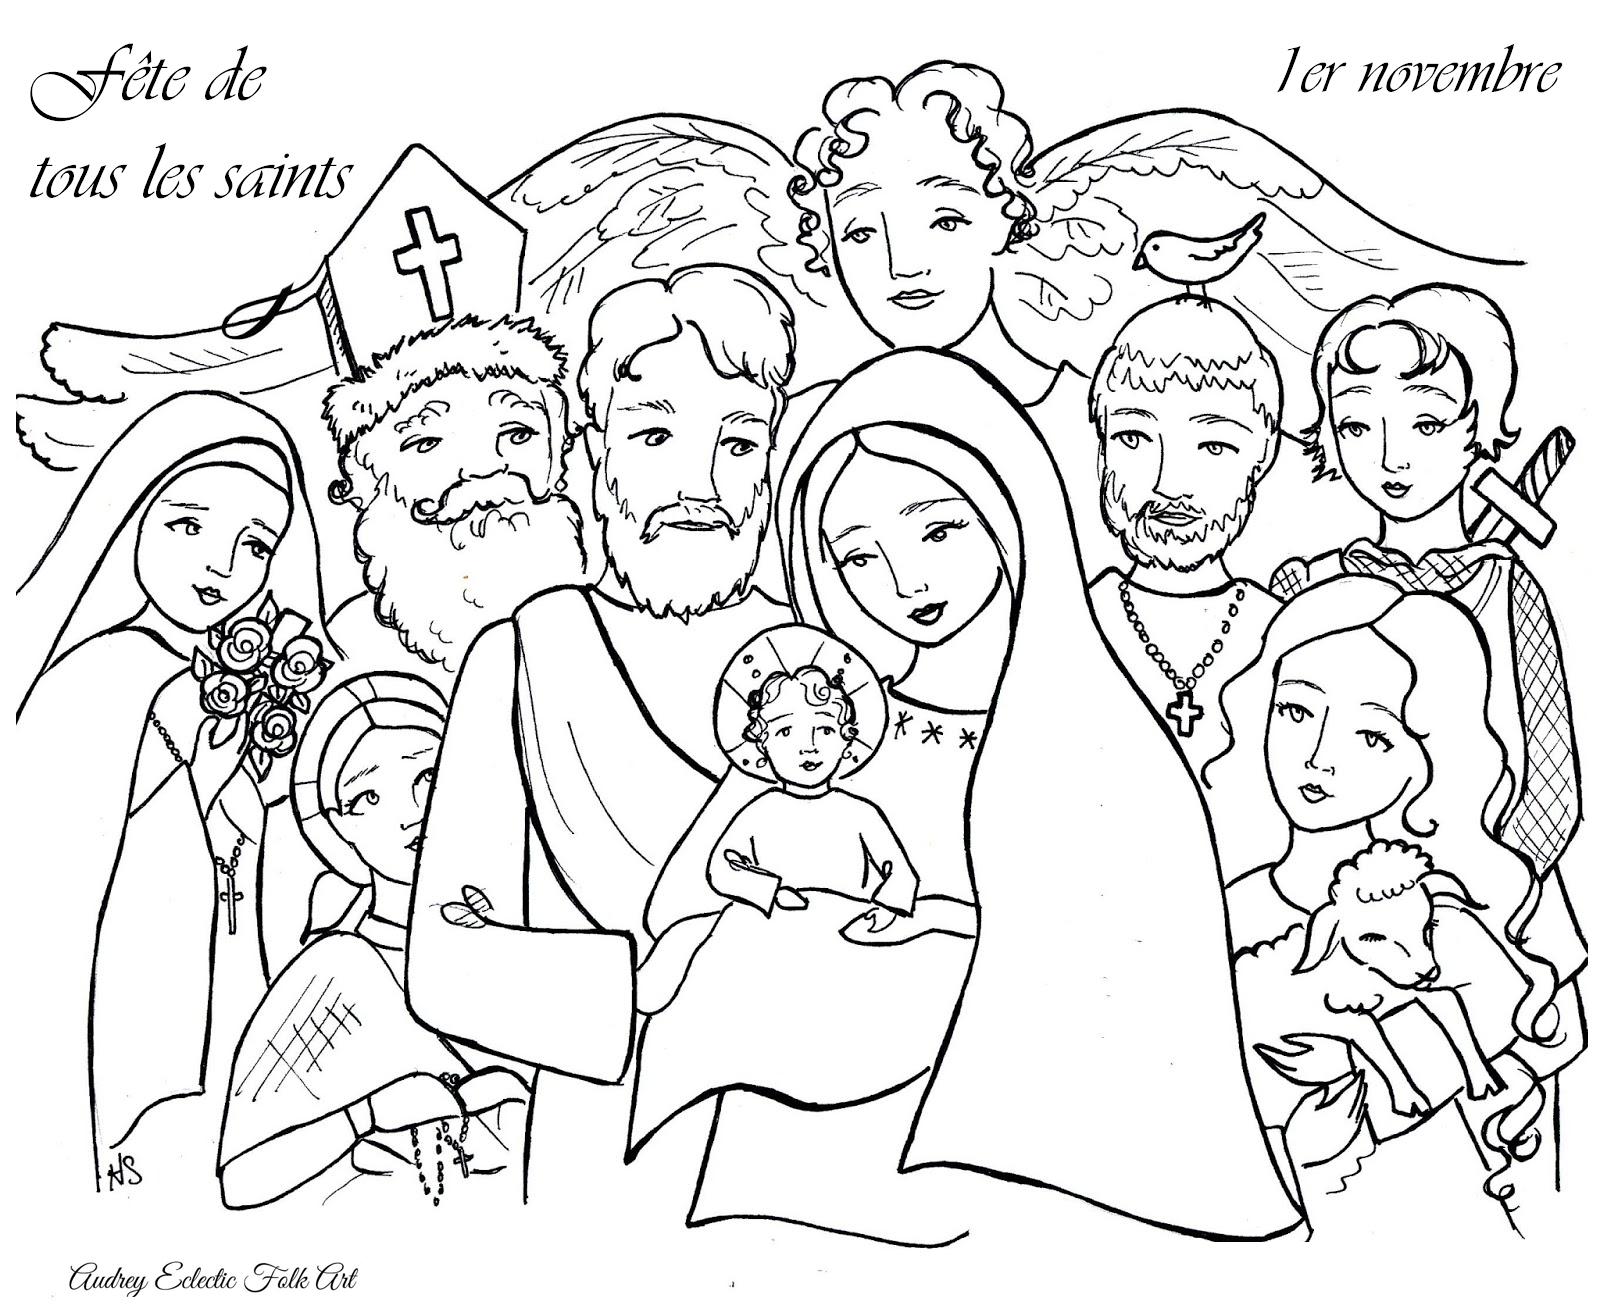 Coloriage : la fête de tous les saints